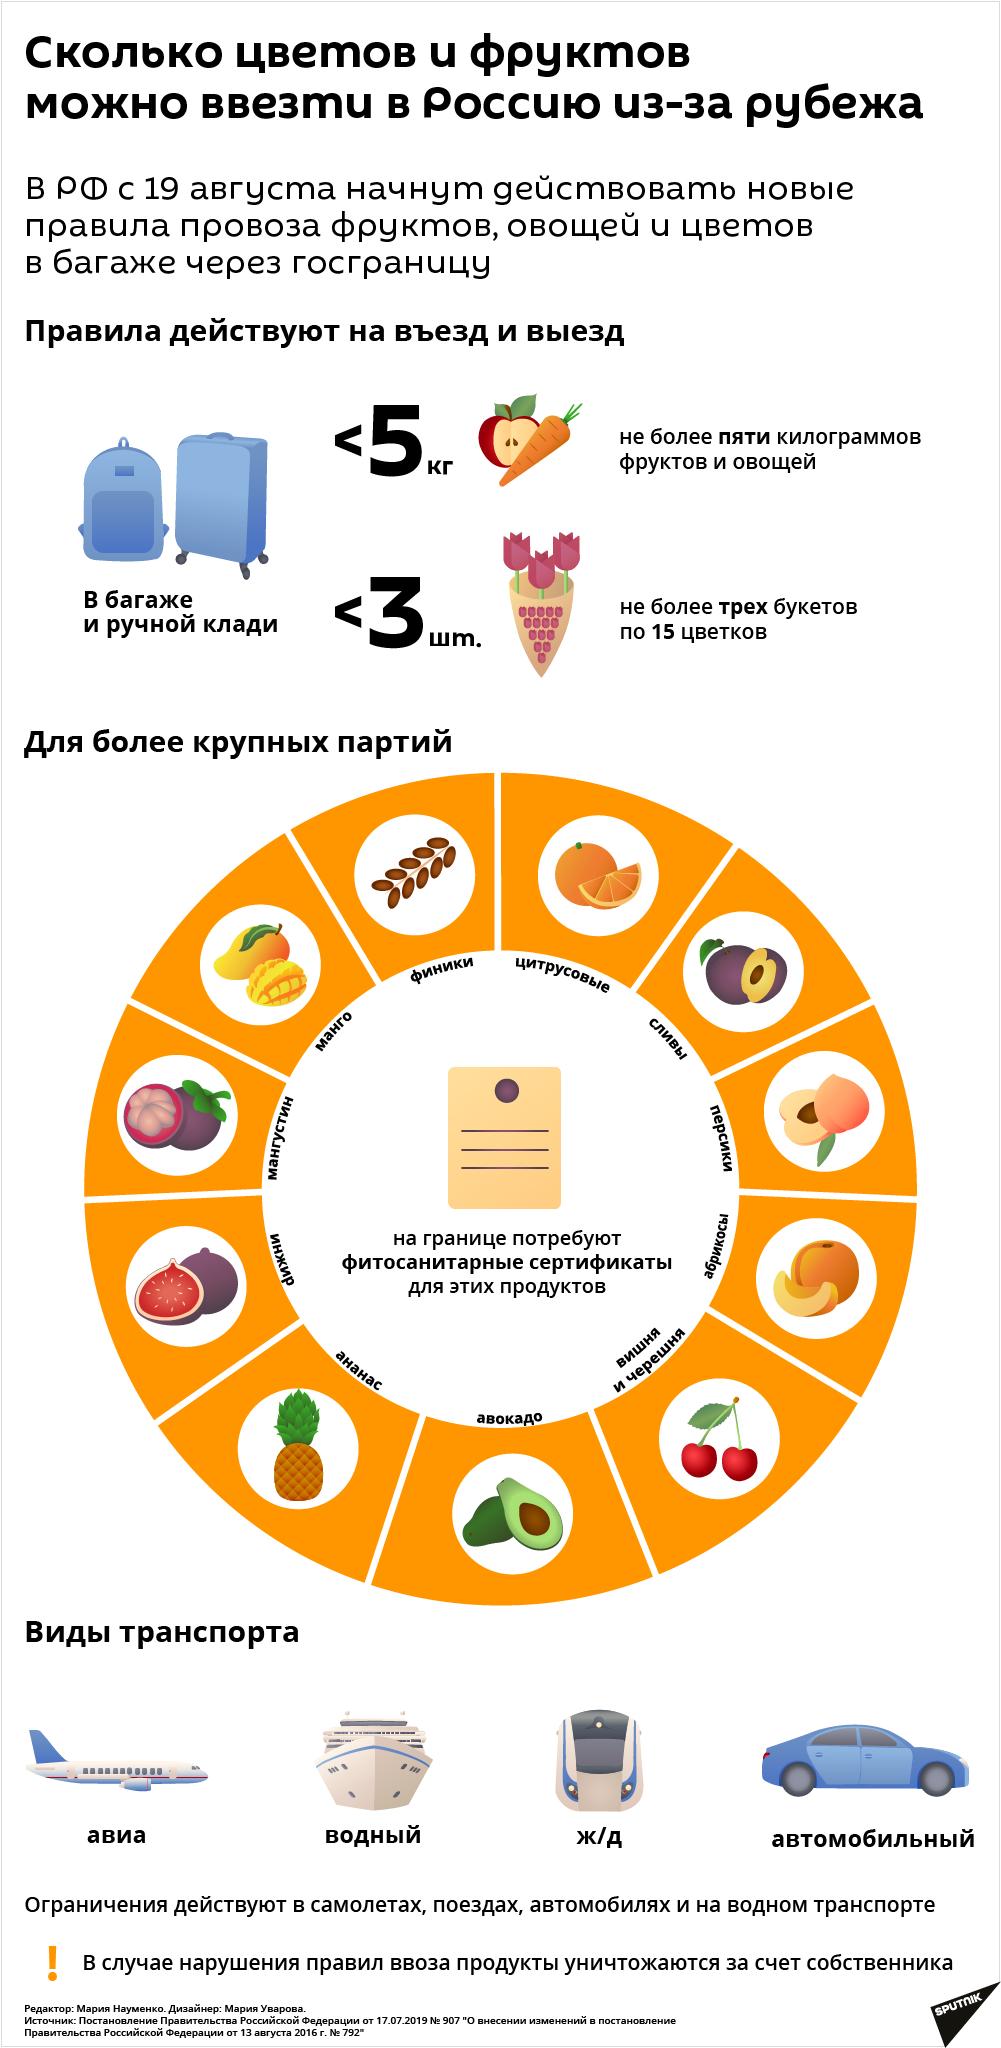 В России ужесточили правила провоза овощей и фруктов через границу - Sputnik Узбекистан